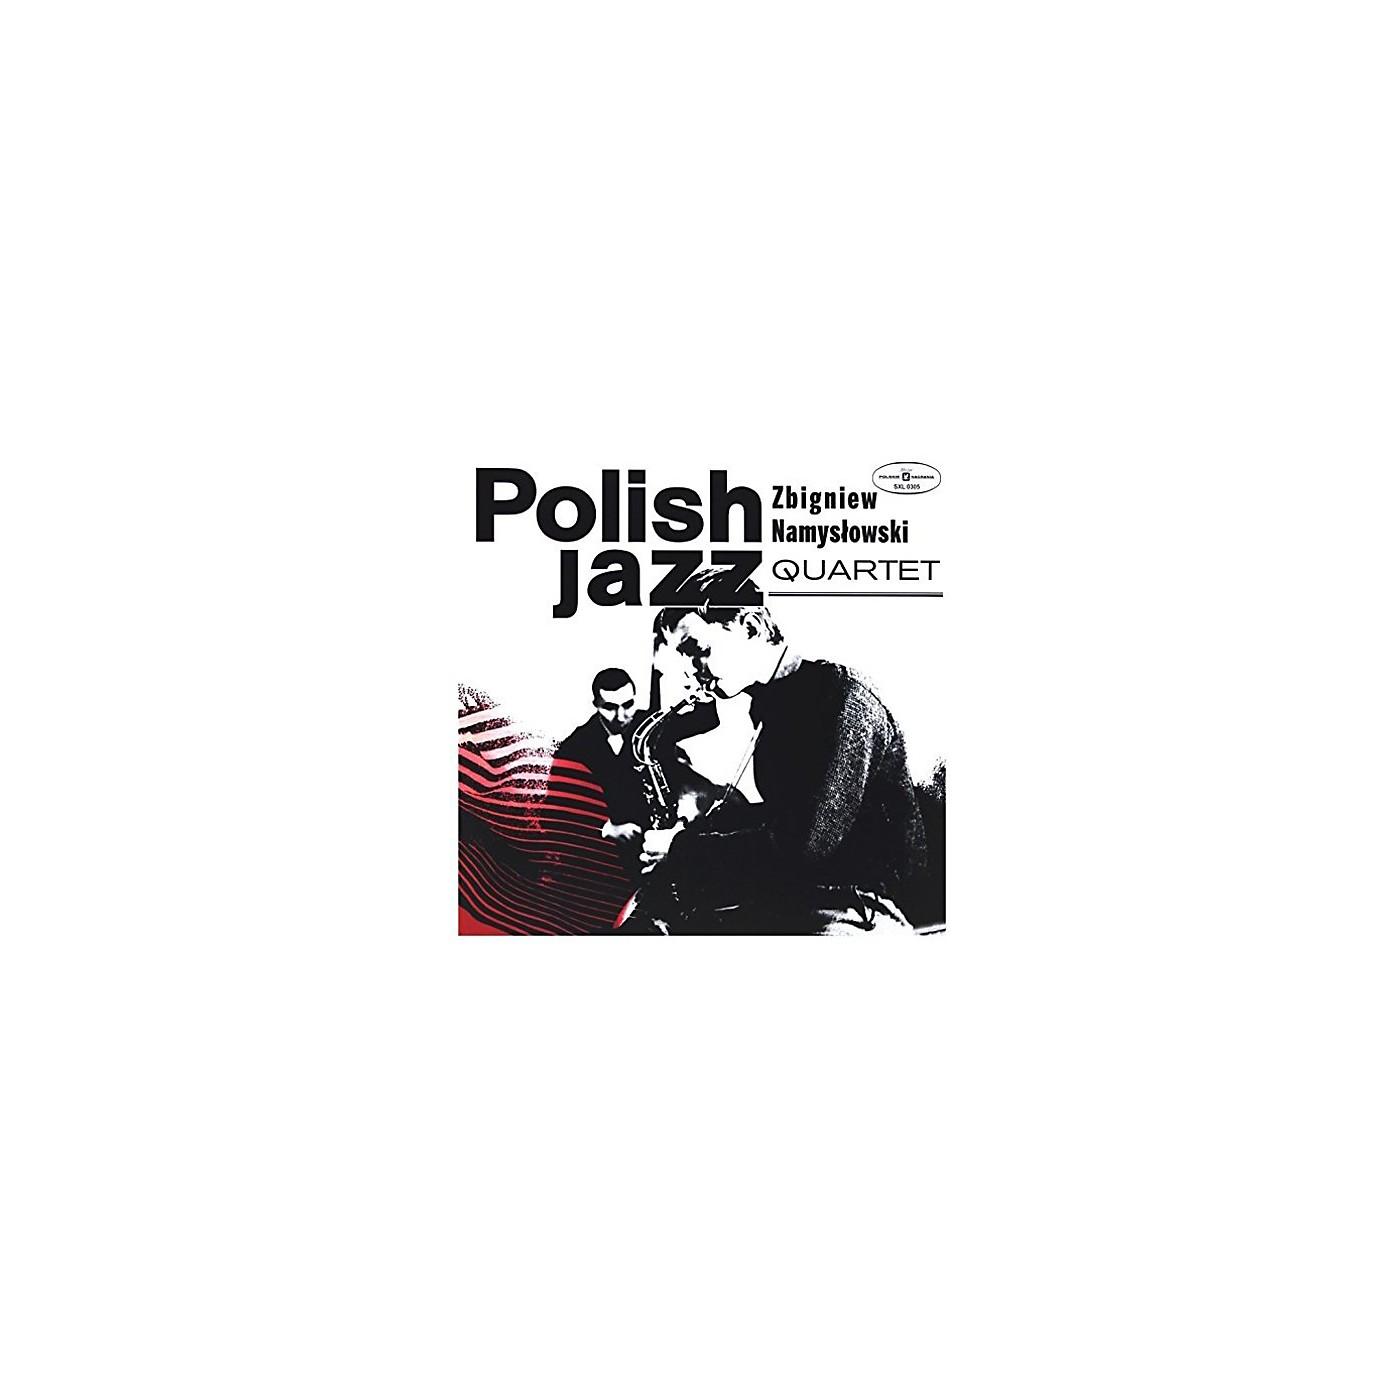 Alliance Zbigniew Namyslowsky - Zbigniew Namyslowski Quartet (Polish Jazz) thumbnail